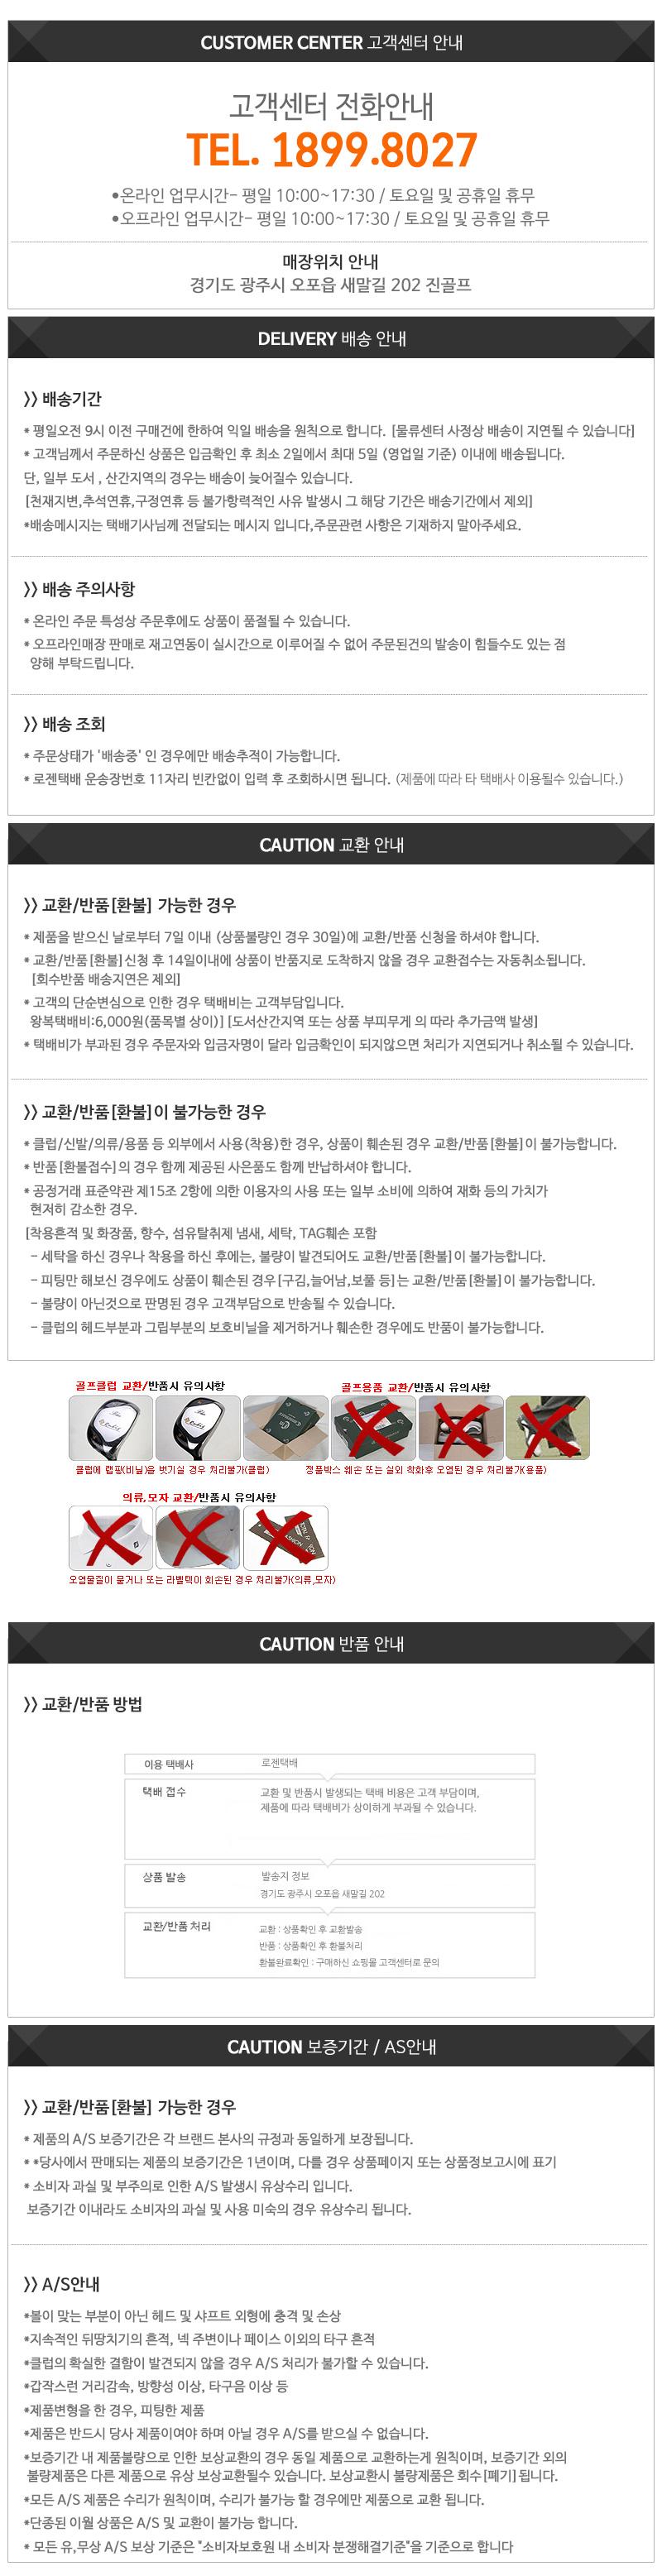 delivery_notice.jpg